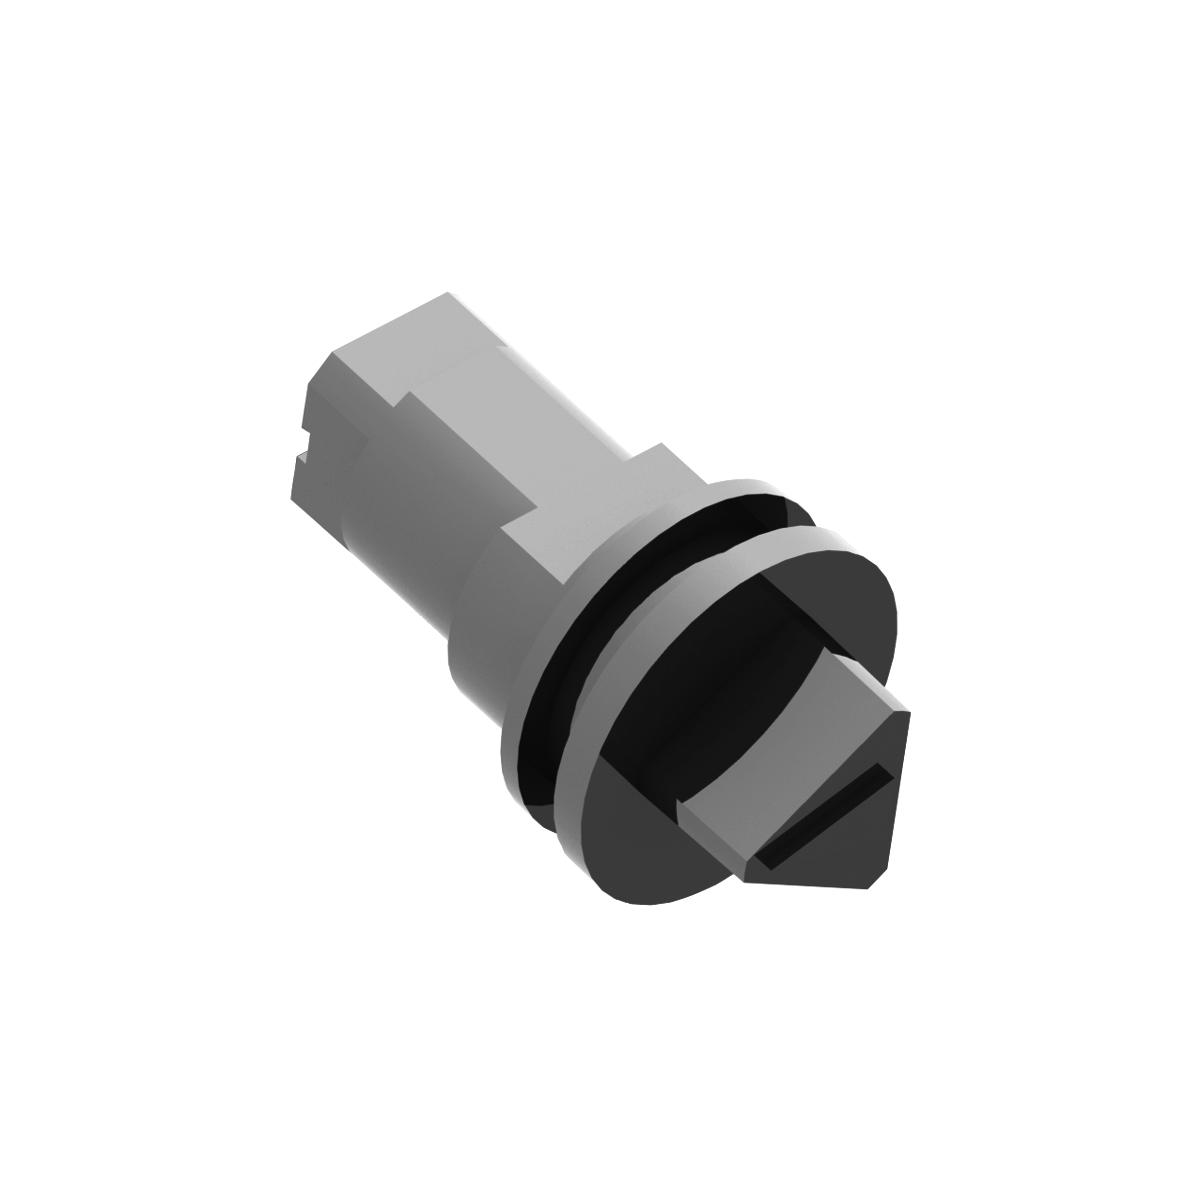 1 Stk Dreikant-Einsatz 9mm für WST-Vorreiber WSTL3529--